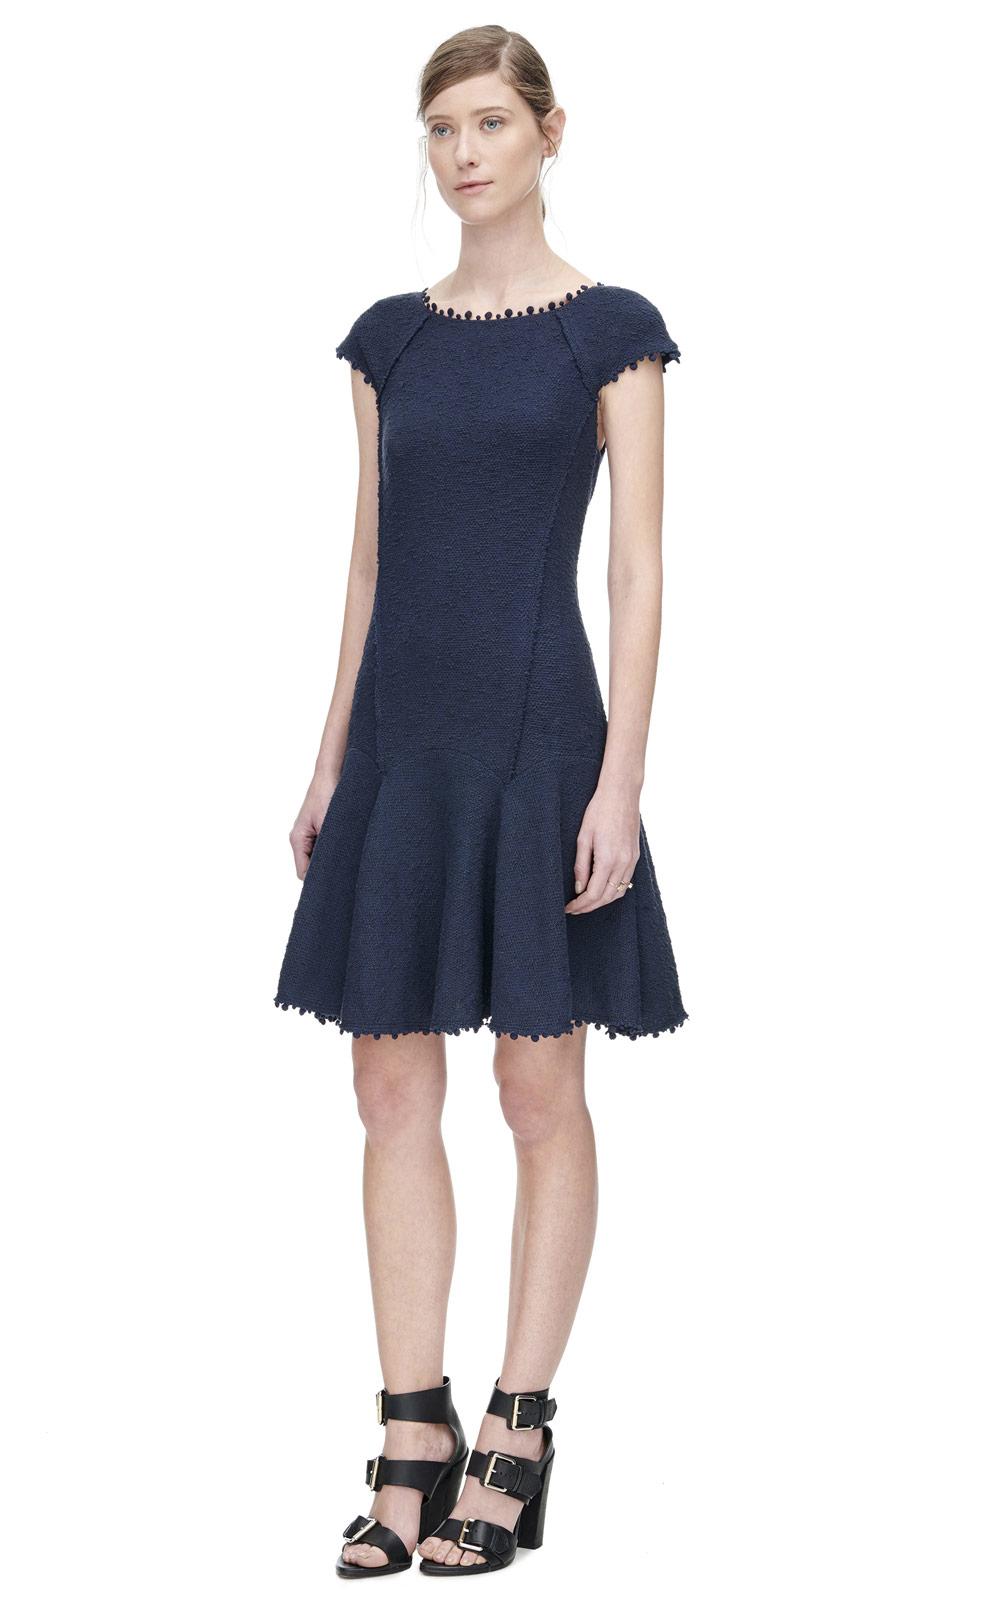 Marc Anthony Women S Clothing